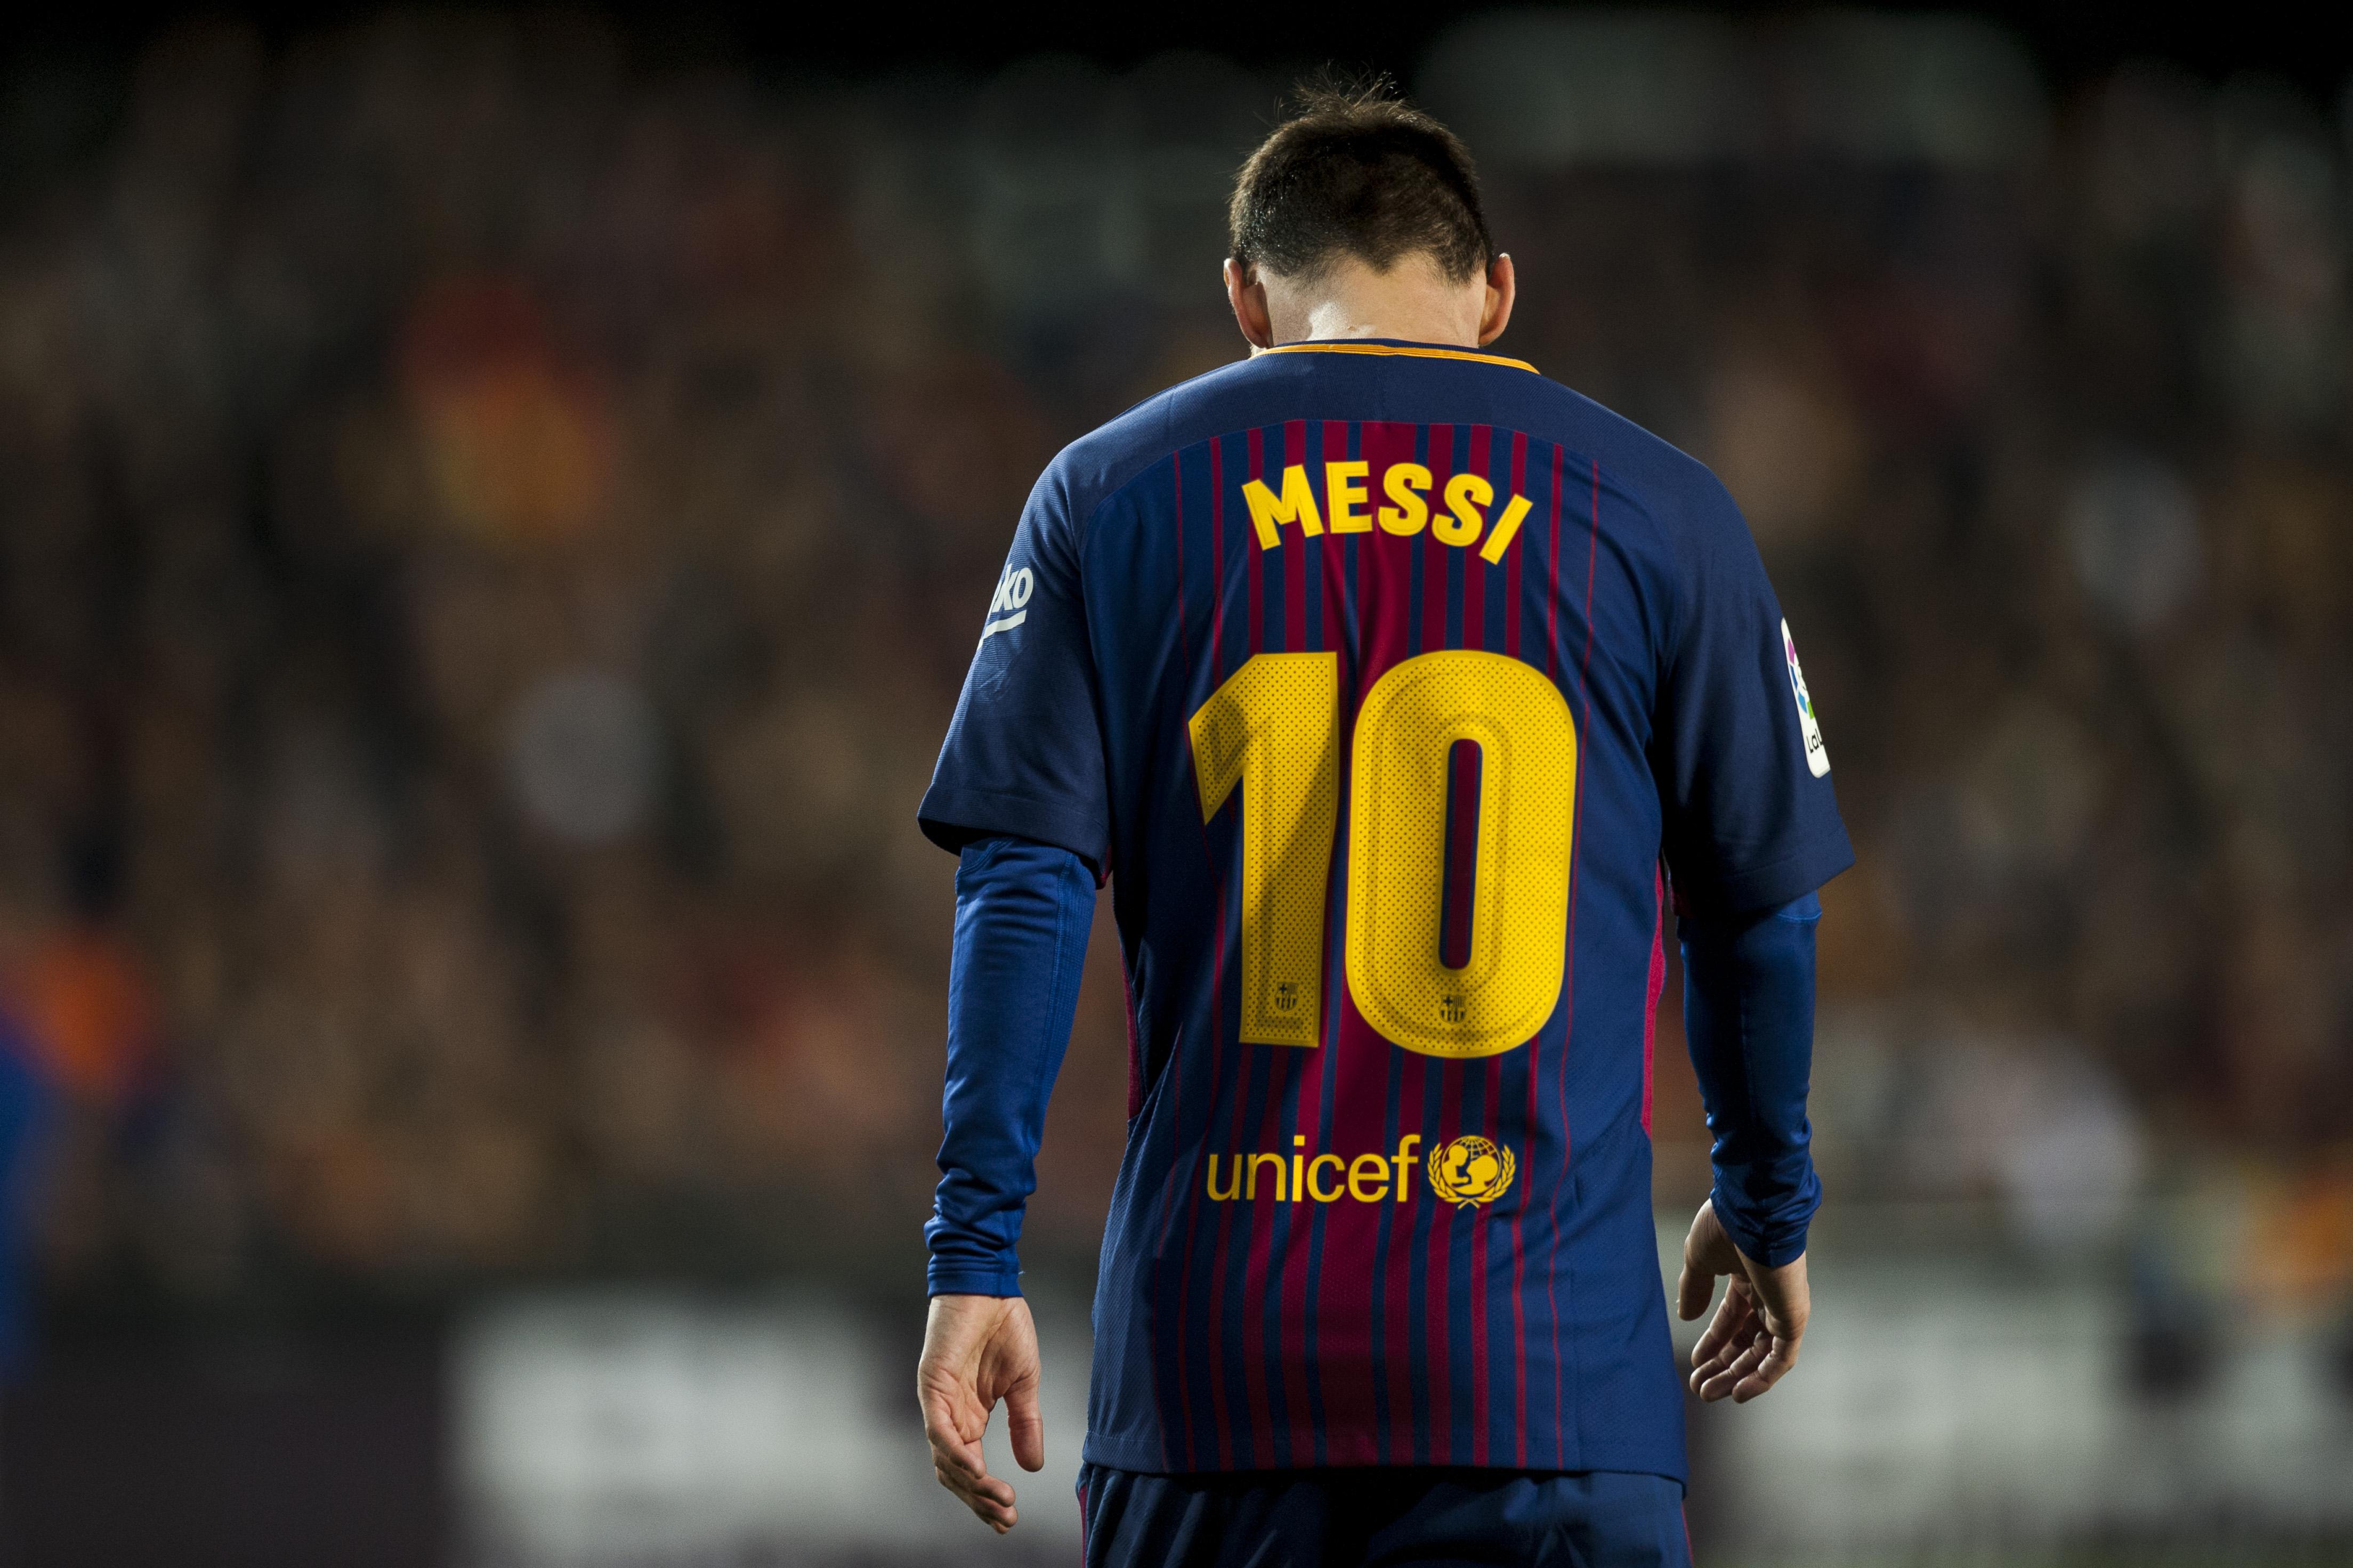 """Iniesta Messi góljáról: """"A világon mindenki látta, csak pont azok nem, akiknek látniuk kellett volna"""""""